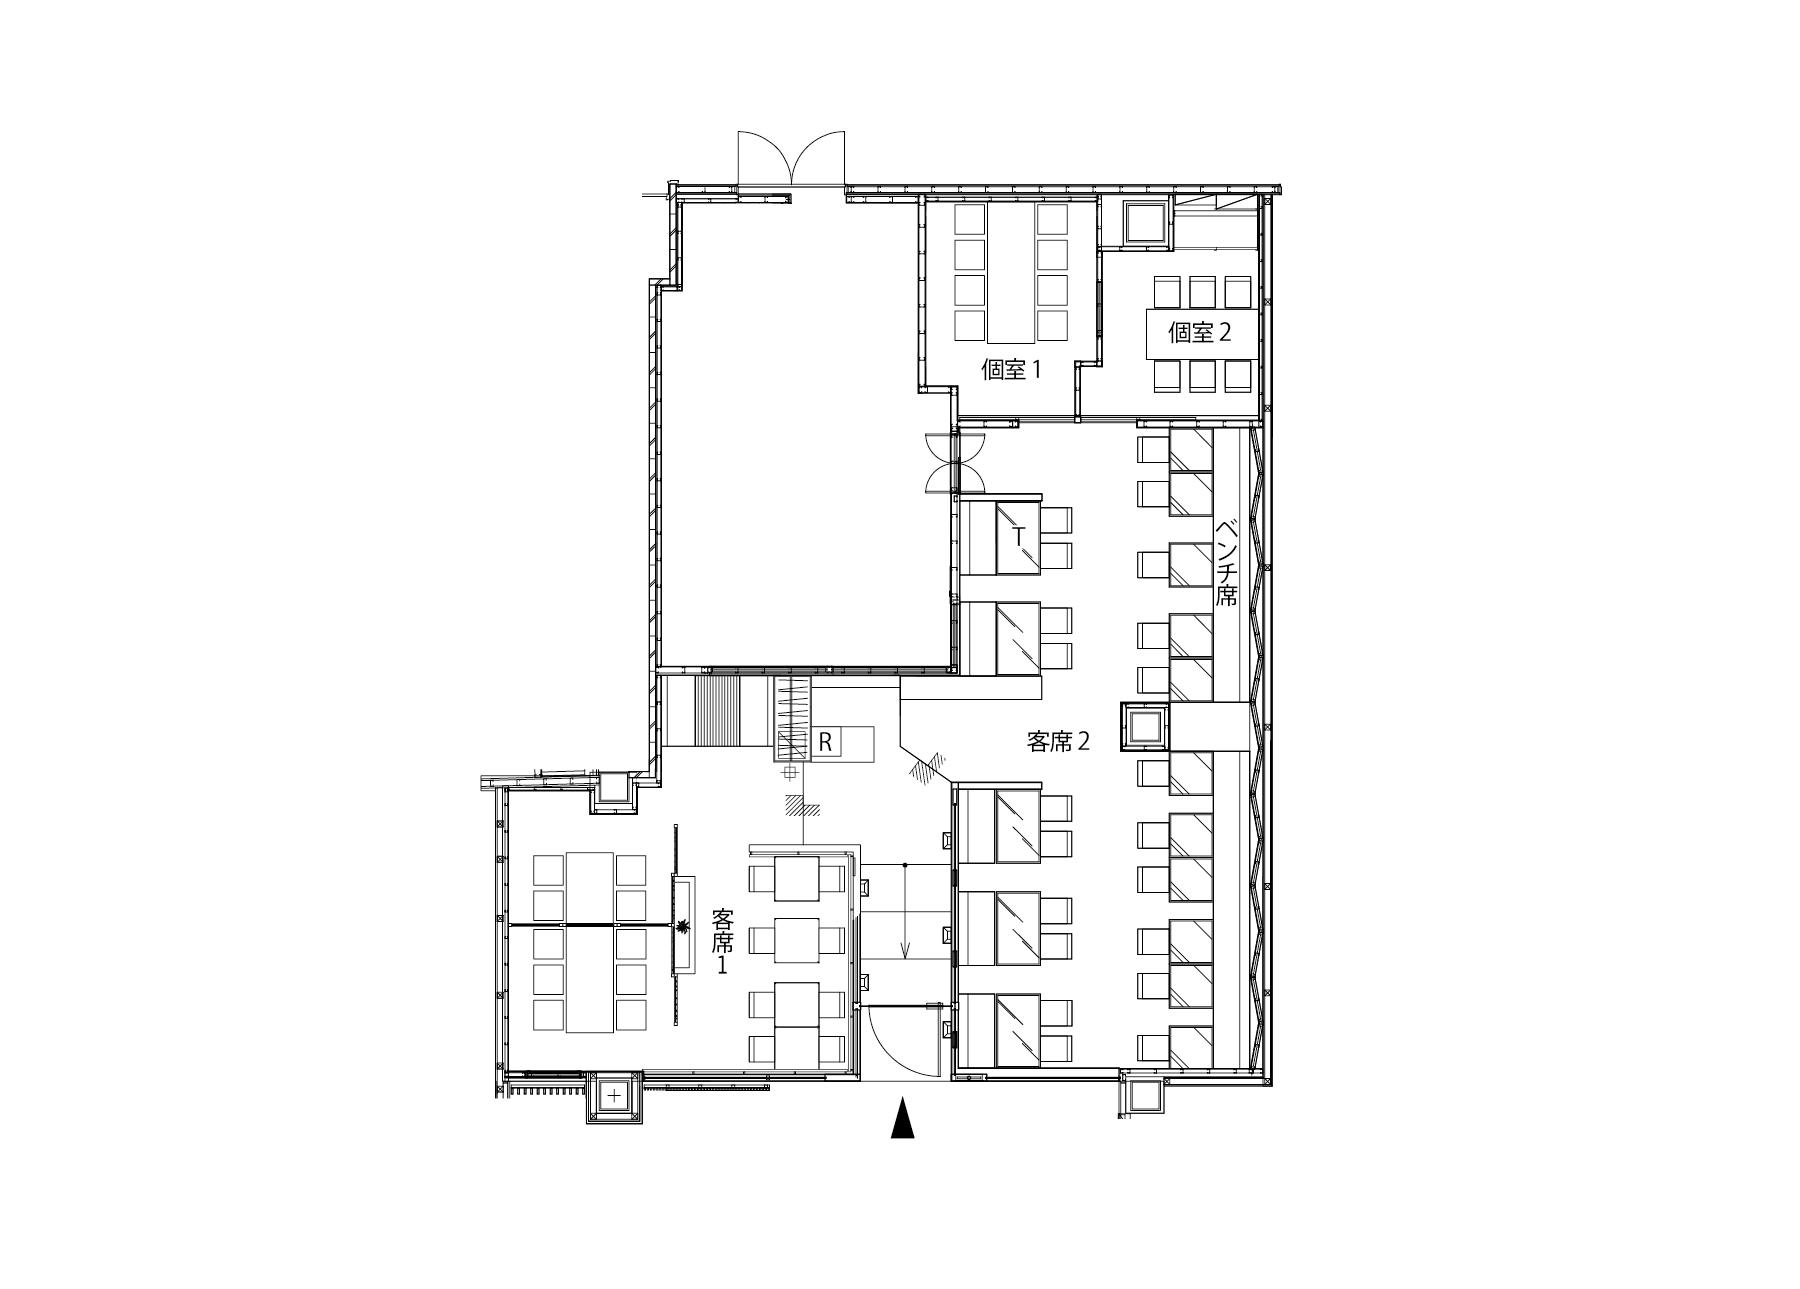 05 - floor plan